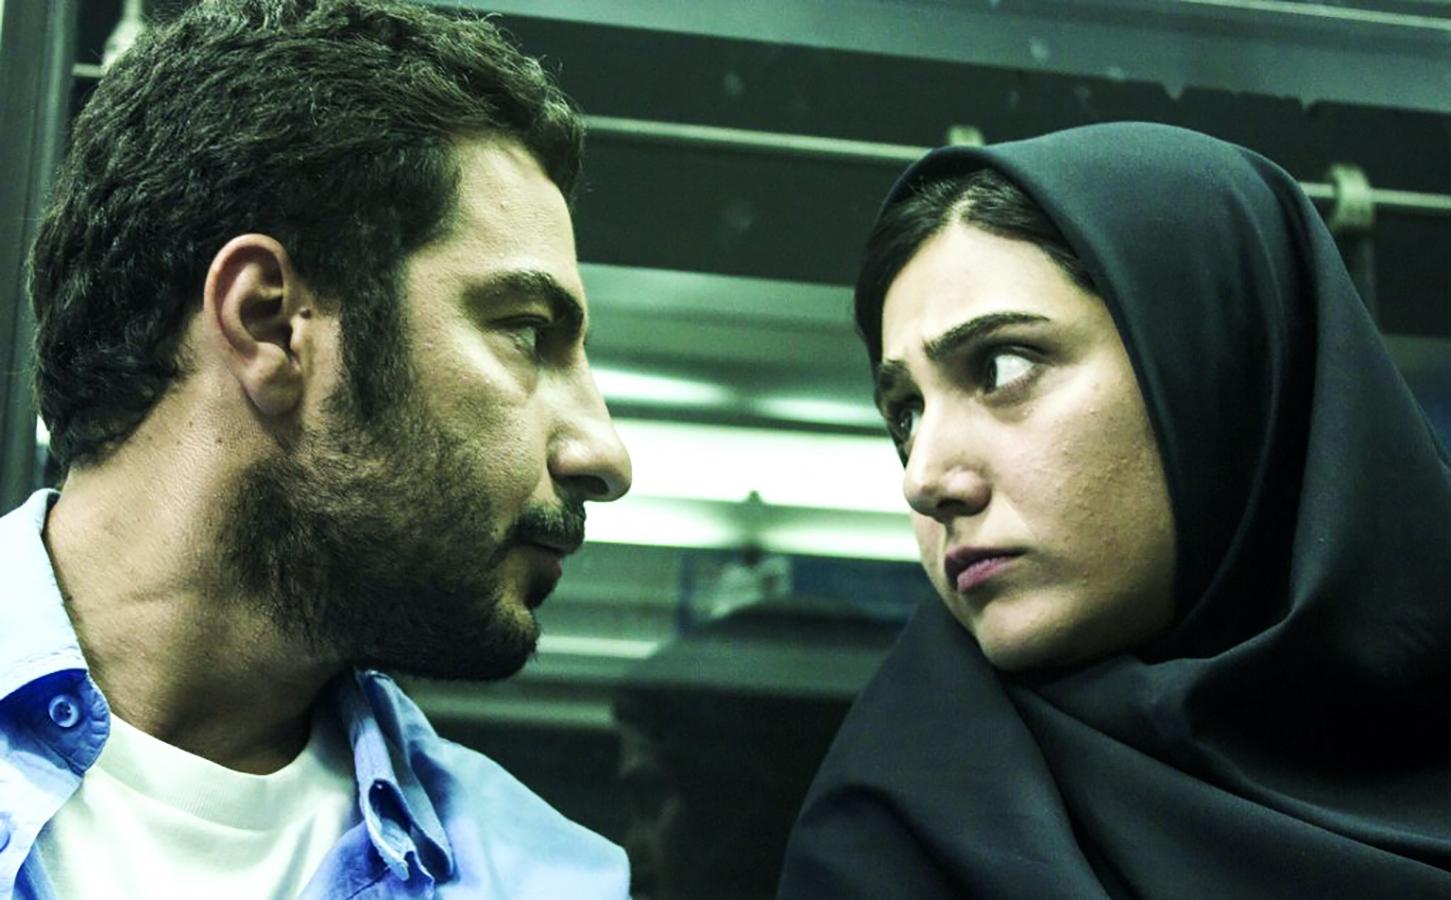 نقد و بررسی فیلم «عصبانی نیستم»: بچرخ تا بچرخیم